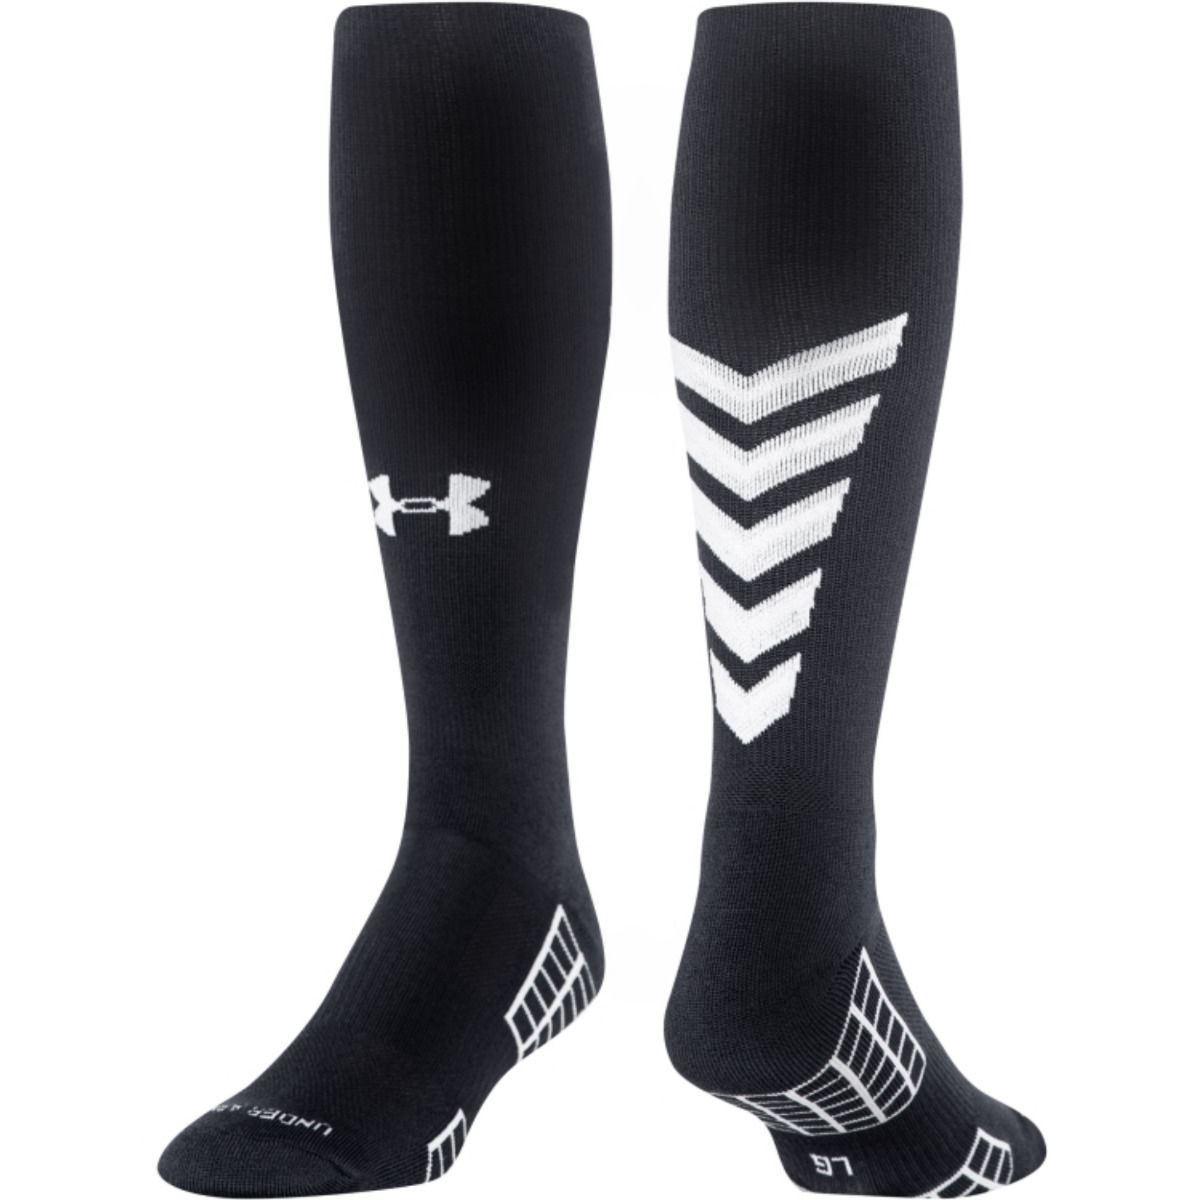 34c9c6a4d71b Image 1 of 3. Under Armour Striker OTC Soccer Socks ...